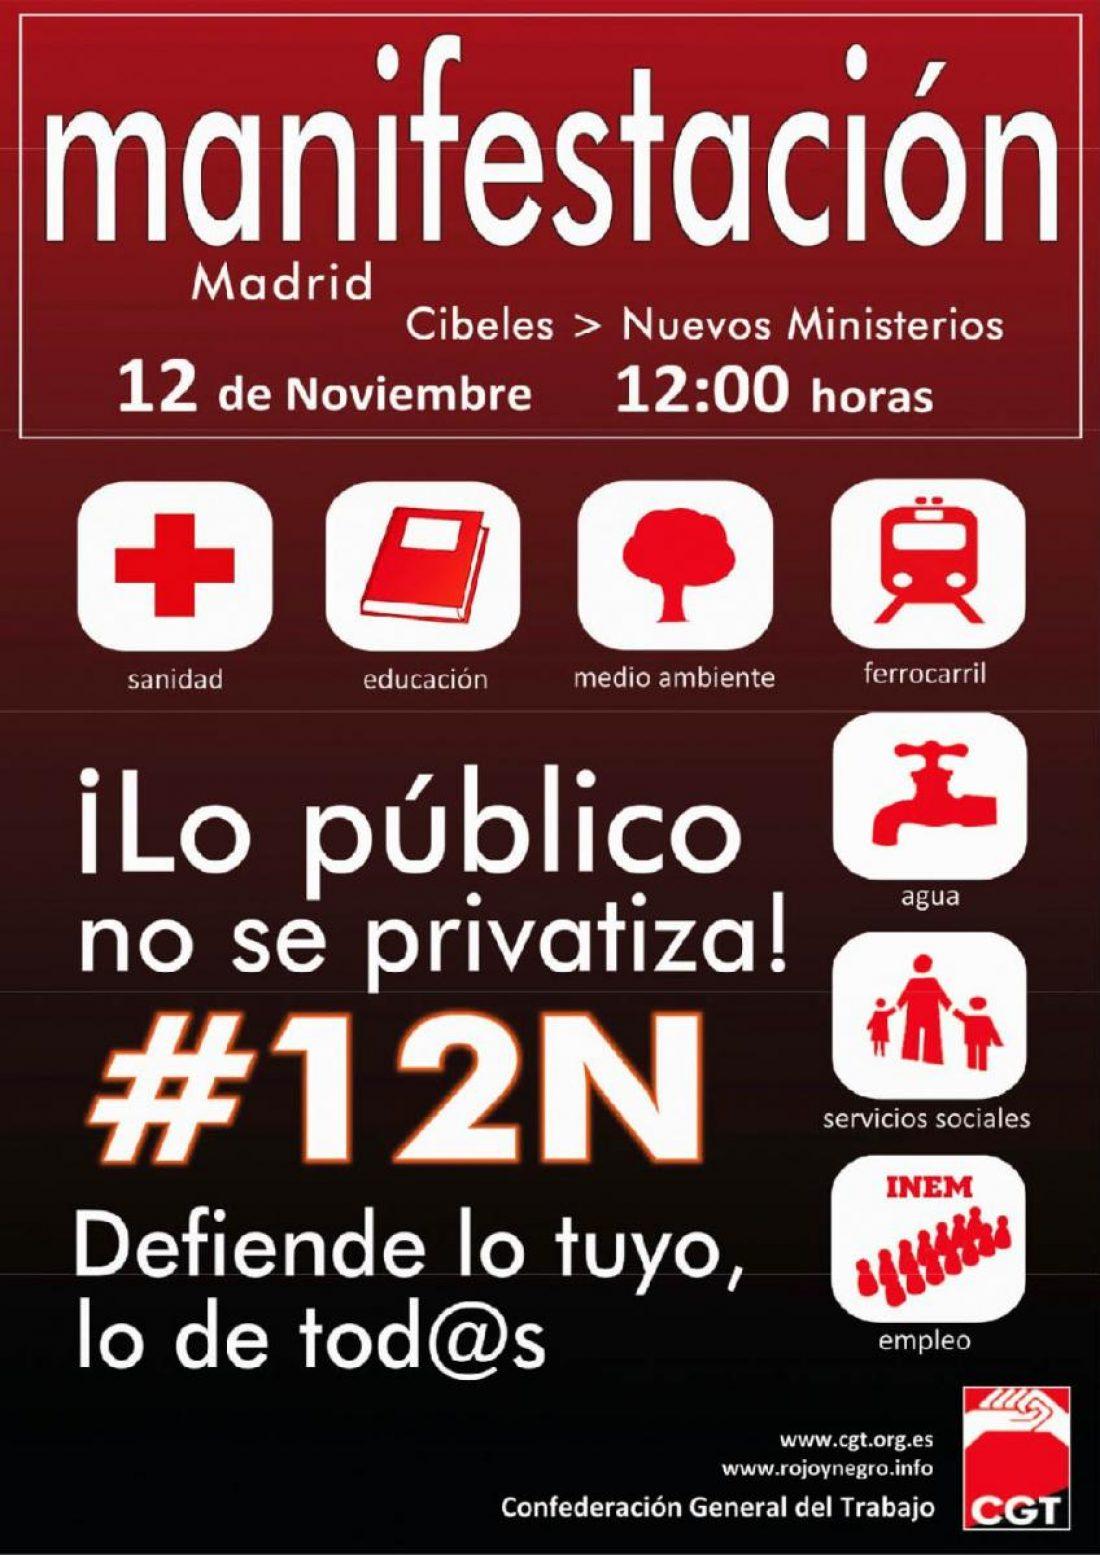 Vídeo: 12-N Manifestación en defensa de los servicios públicos